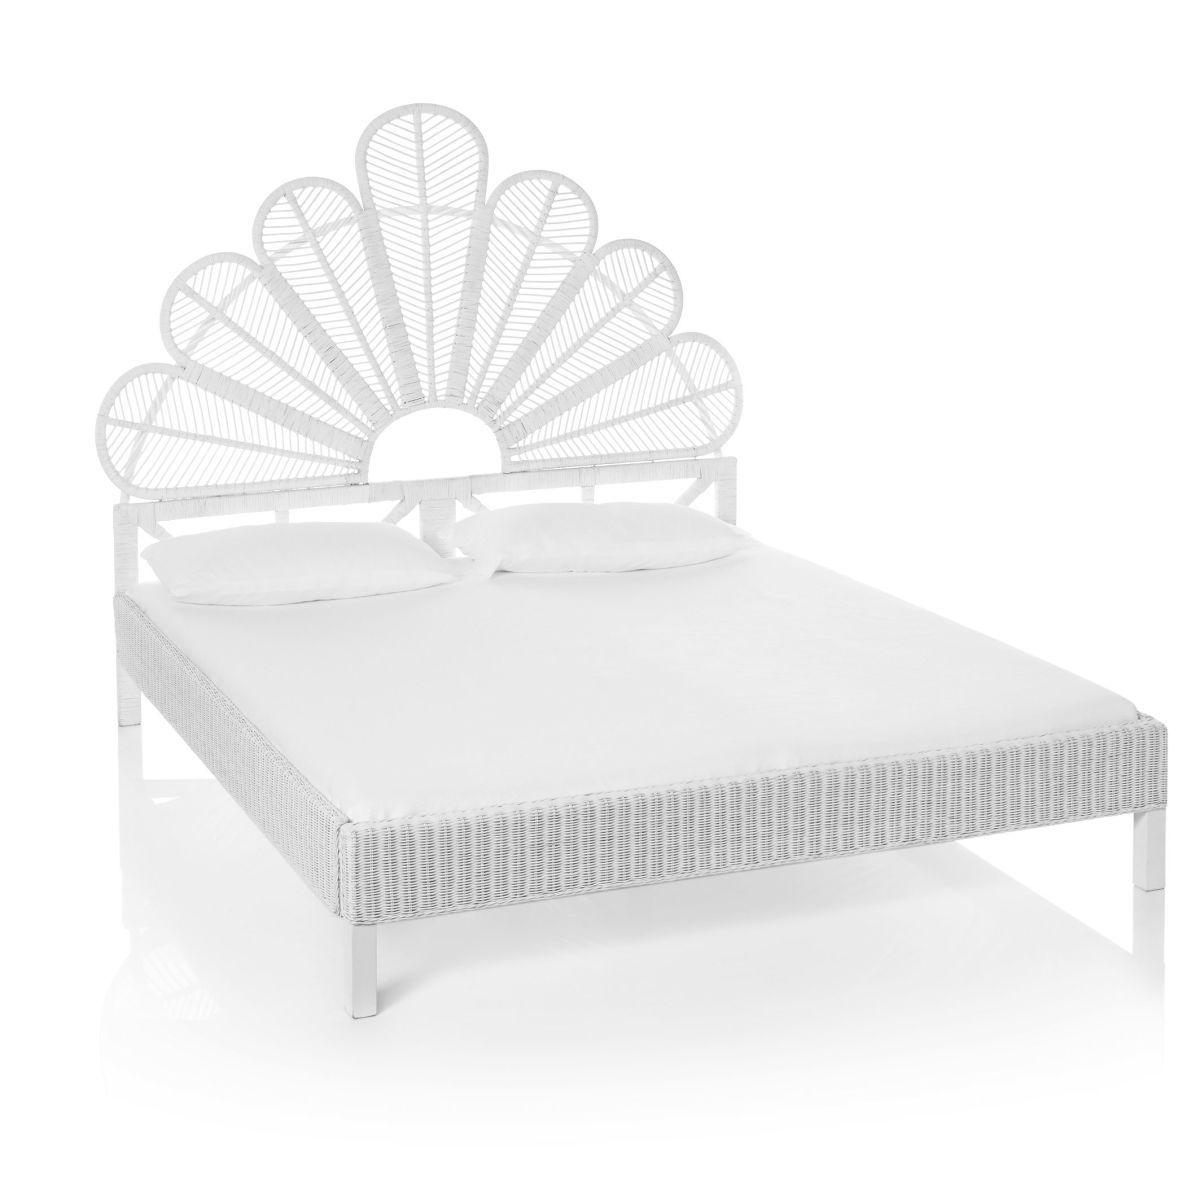 Bett, verzierter Kopfteil , Ethno-Look, Rattan, Holz online kaufen bei